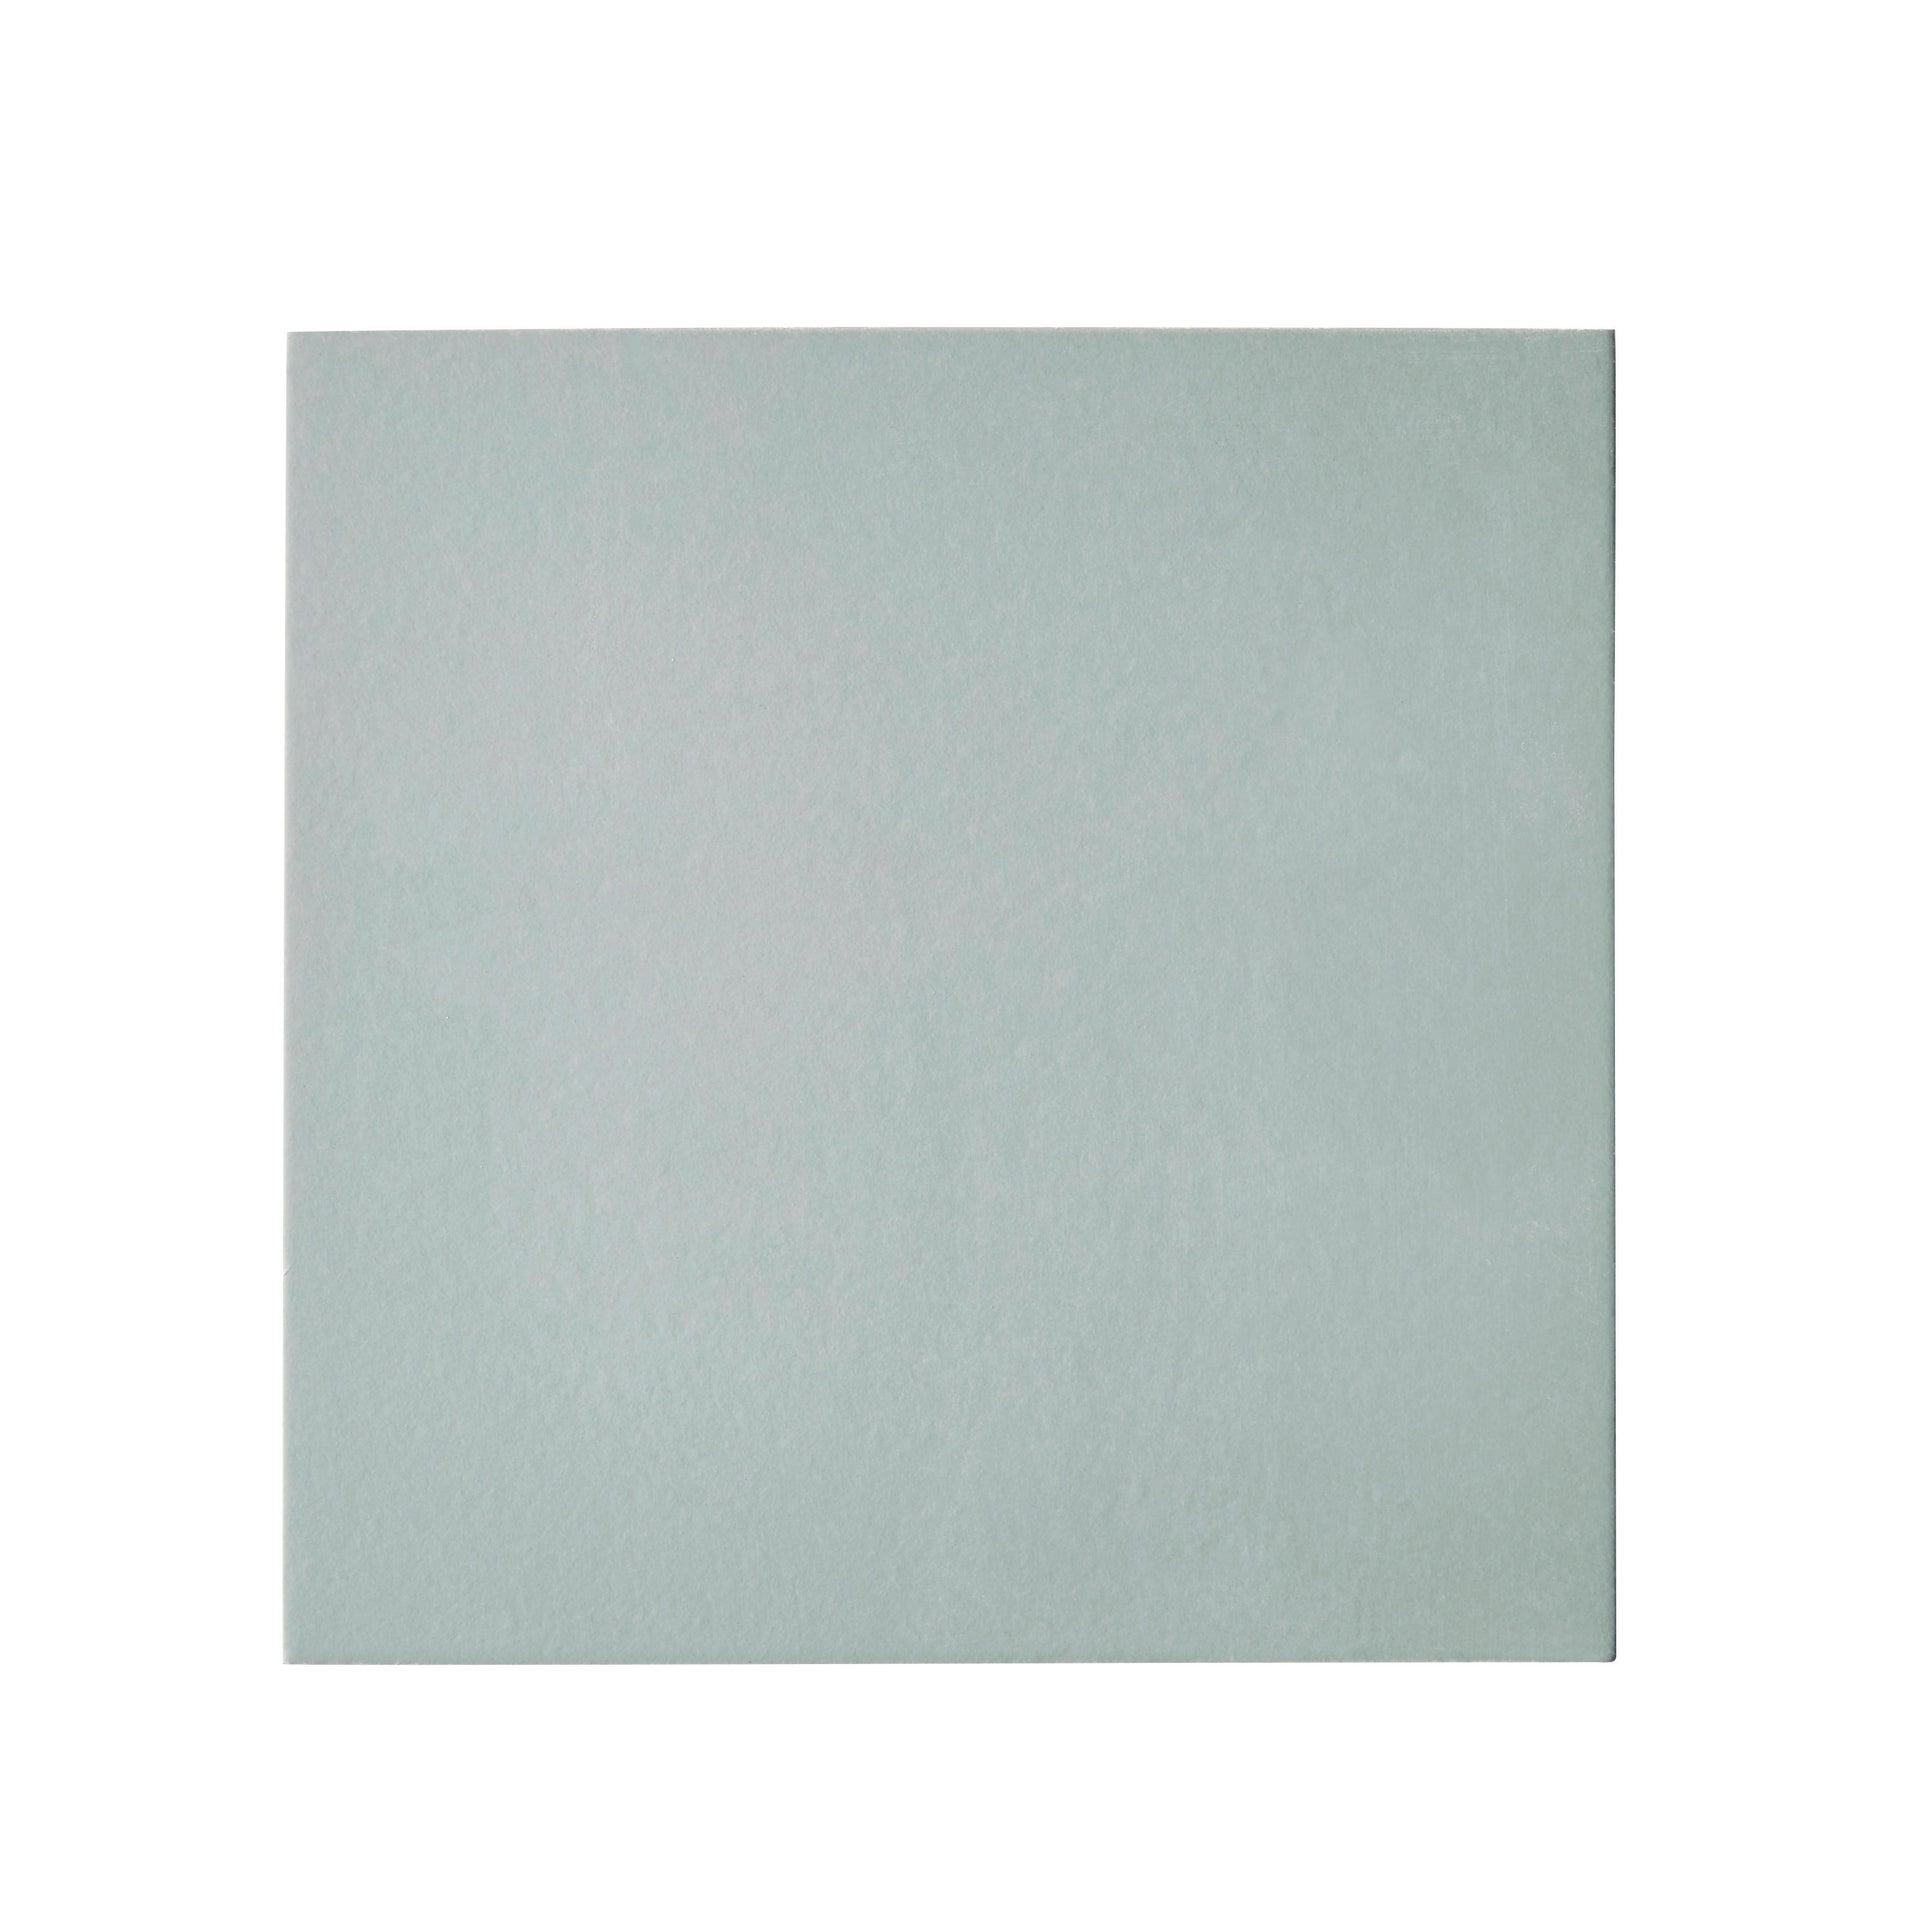 Piastrella Locarno 20 x 20 cm sp. 10 mm PEI 3/5 blu - 19